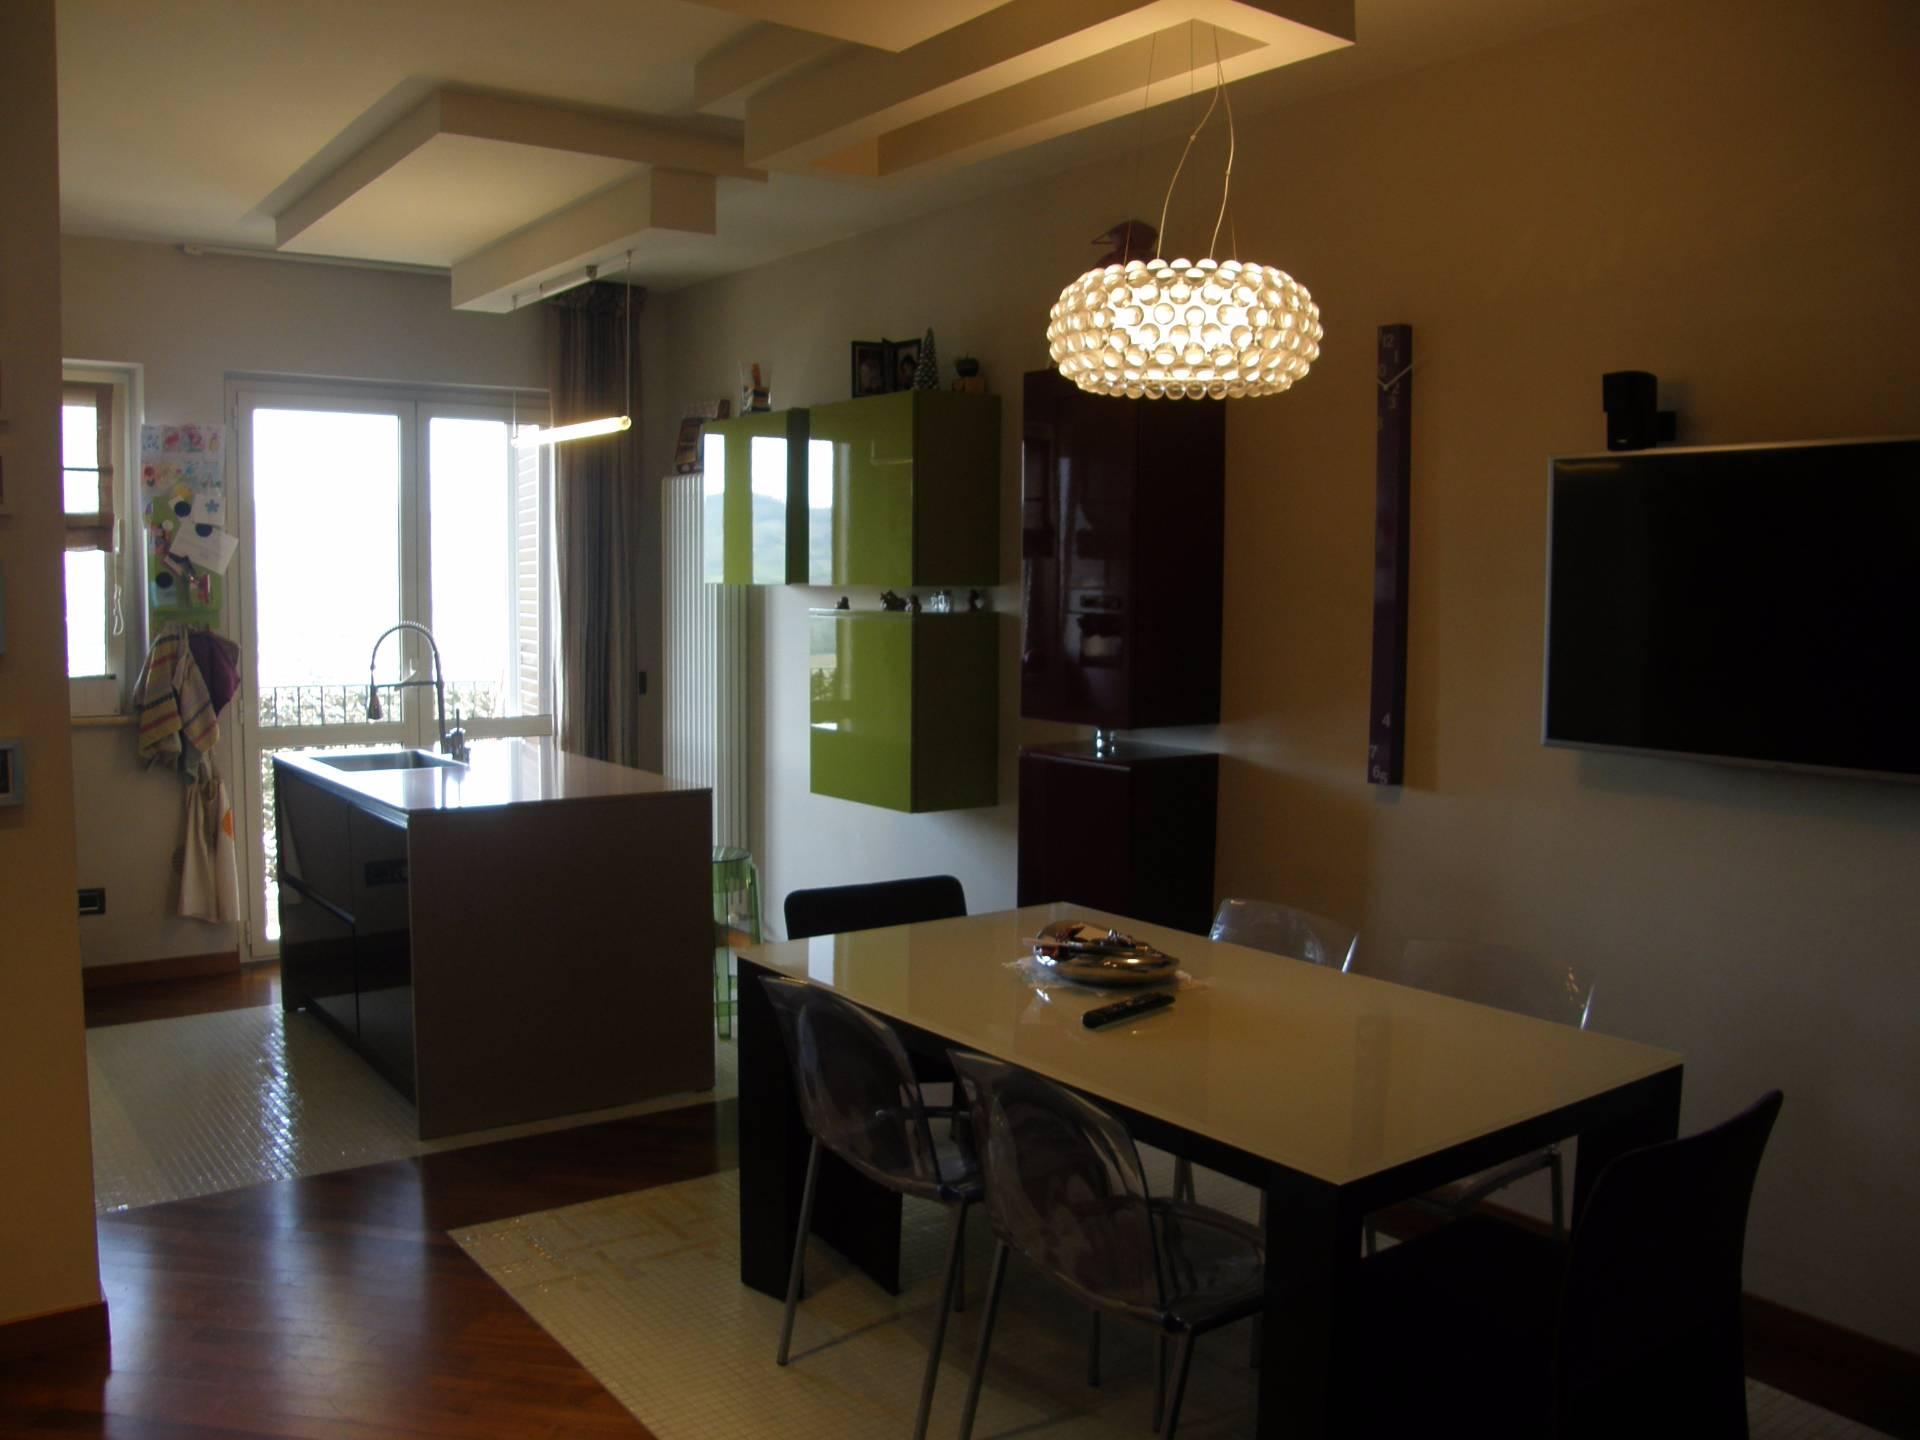 Appartamento in vendita a Ascoli Piceno, 7 locali, zona Località: CasteldiLamaStazione, prezzo € 130.000   Cambio Casa.it